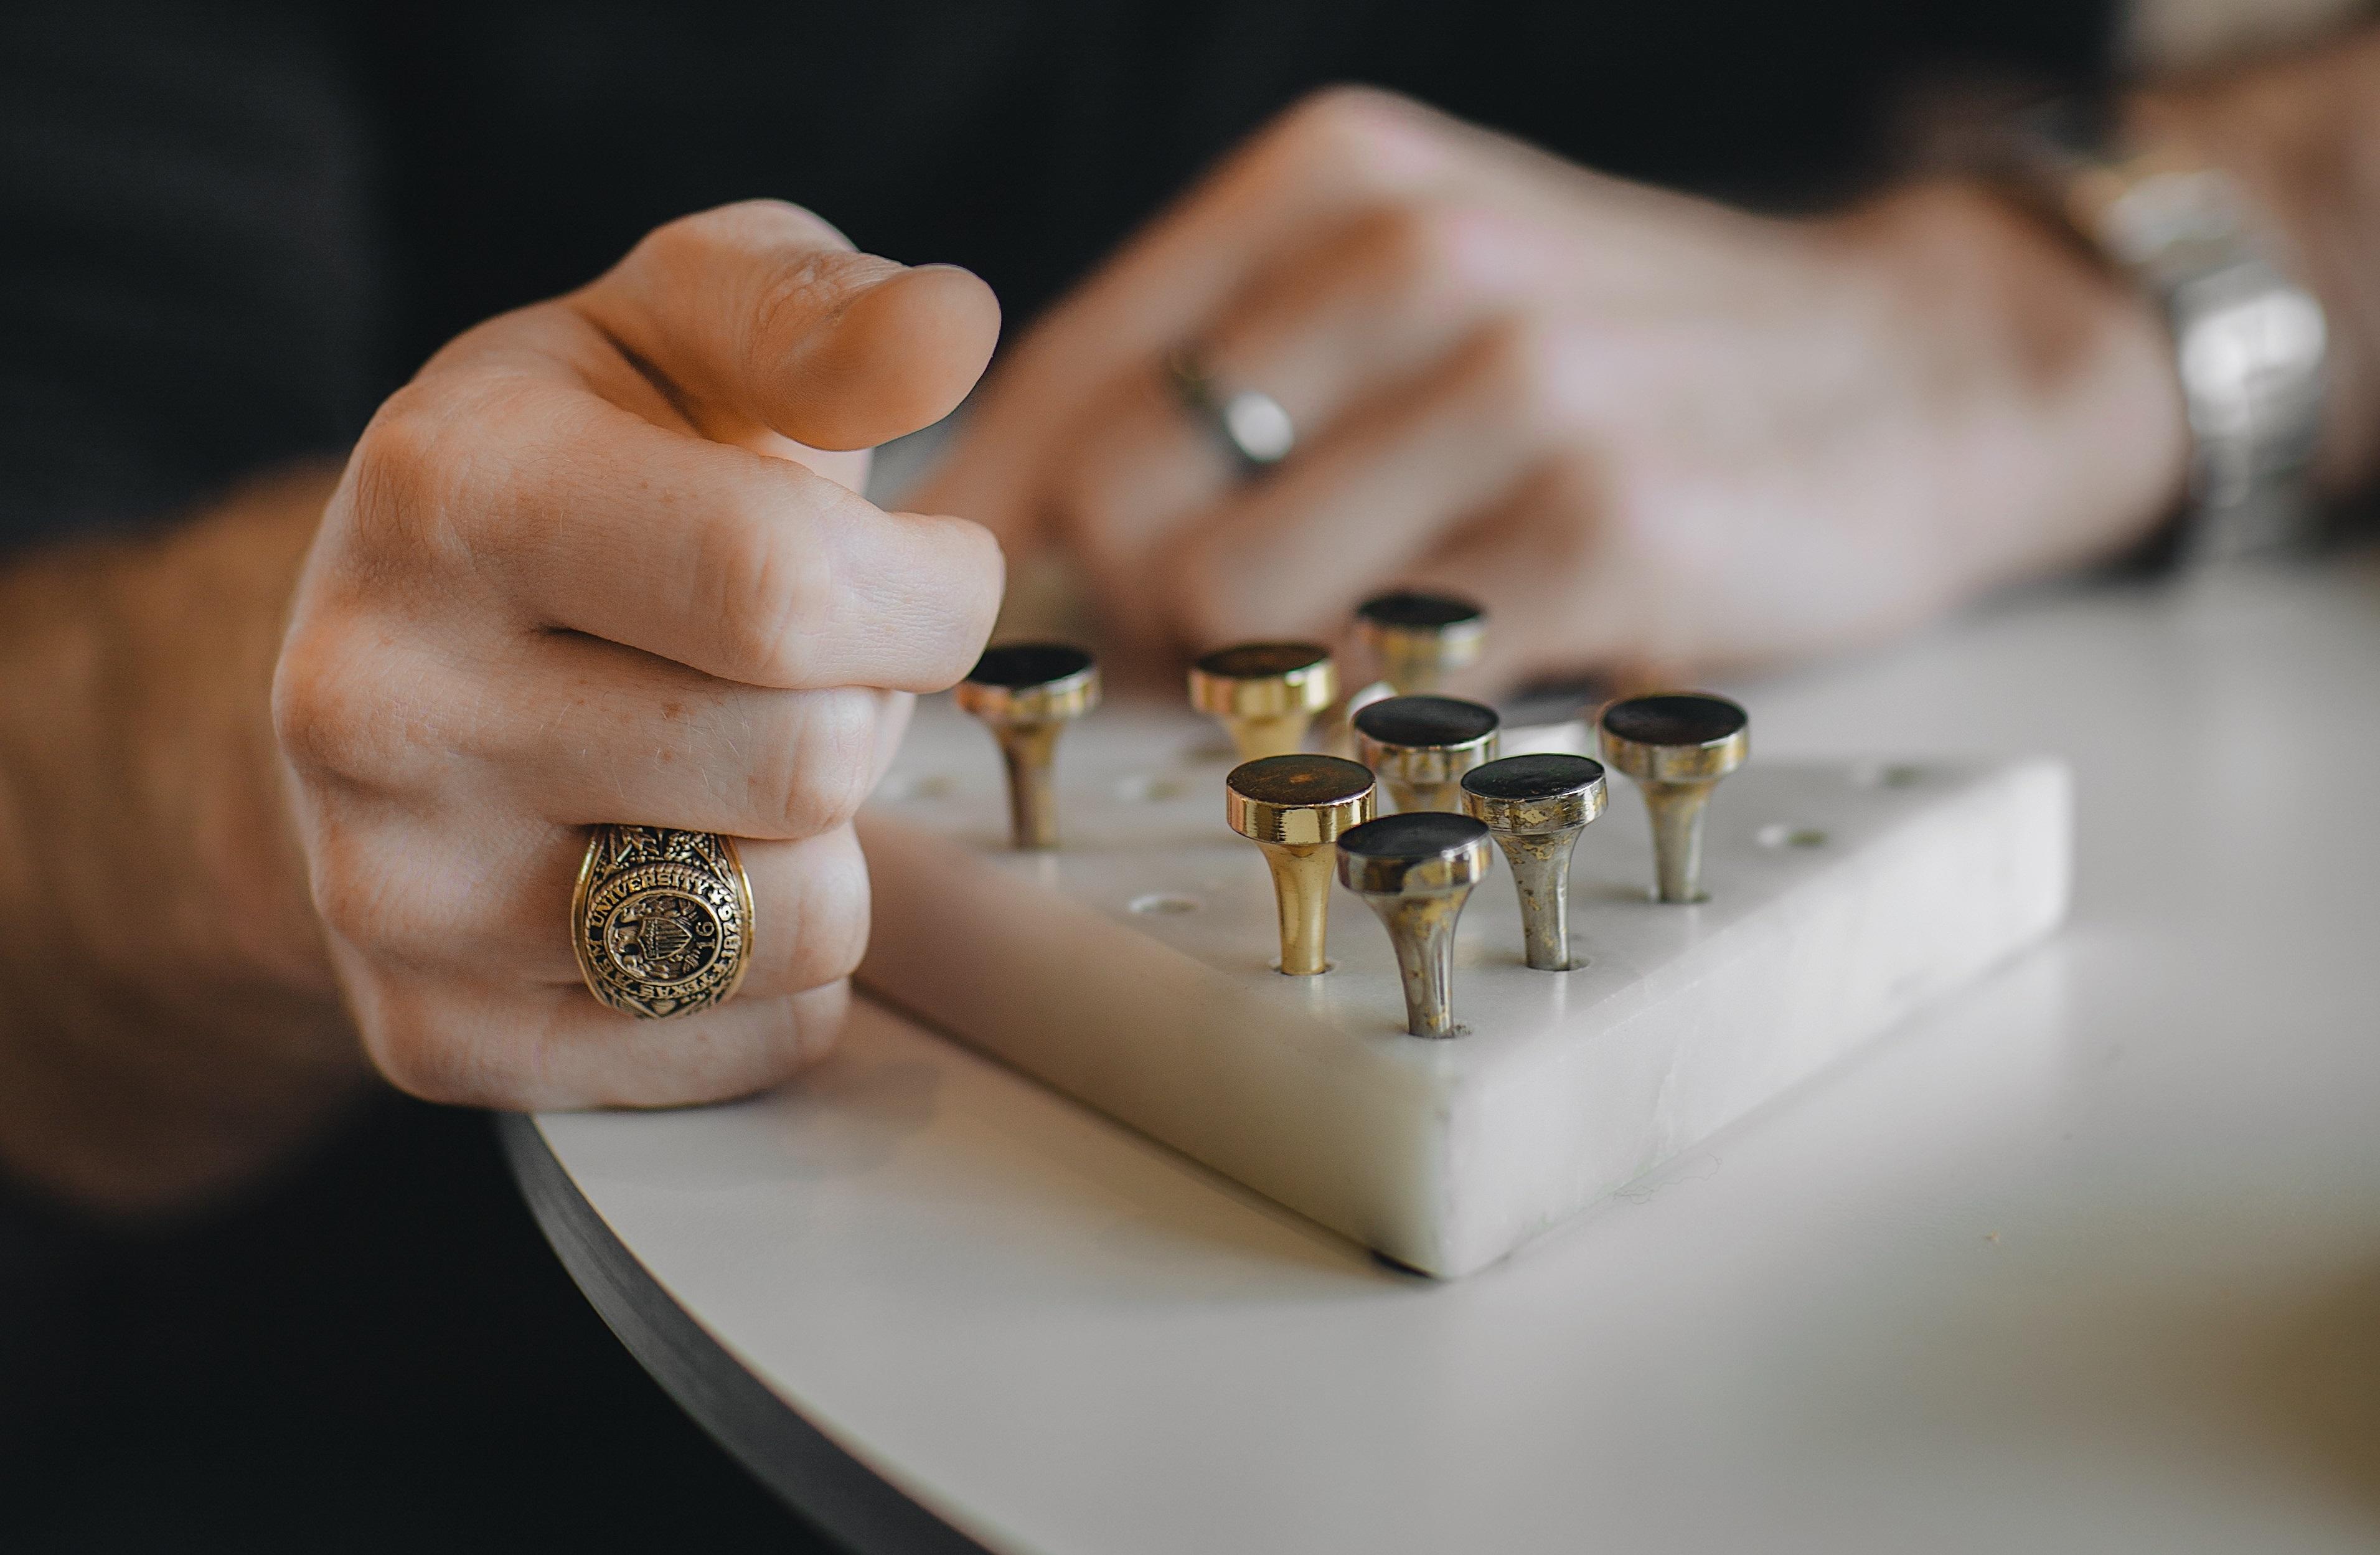 Le top 5 des bijoux tendances pour homme